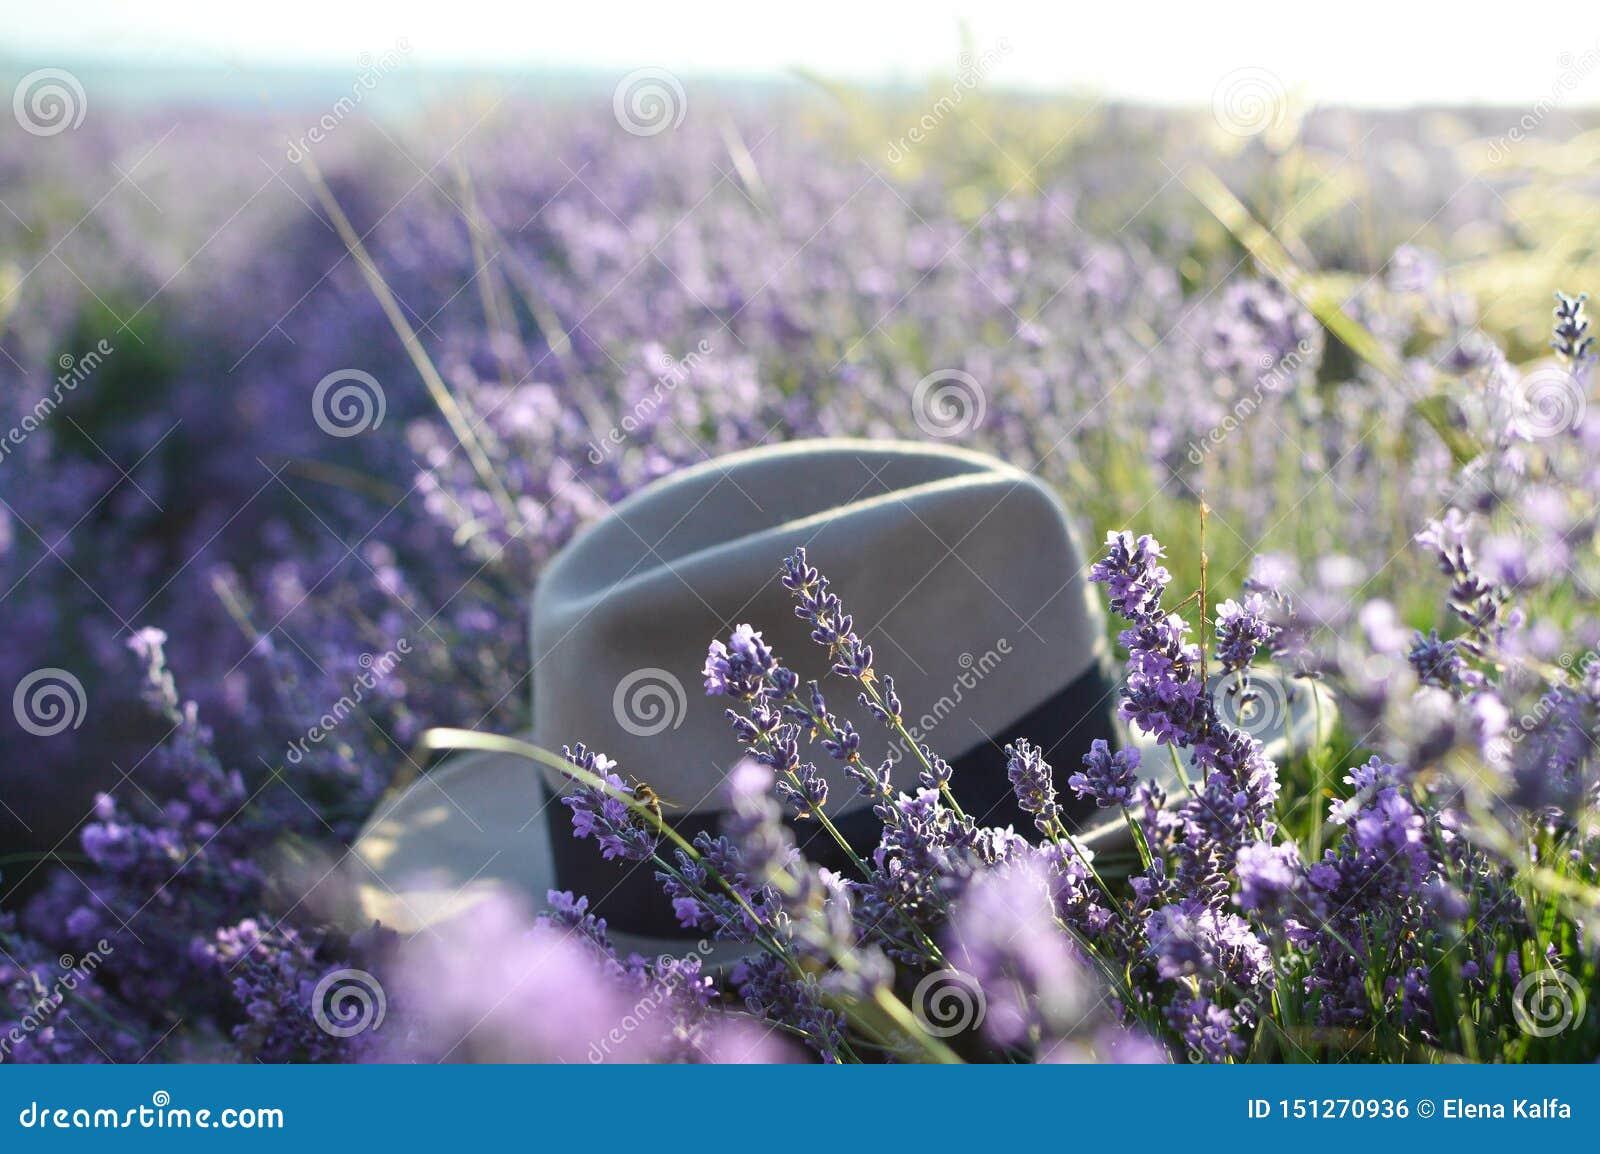 Chapeau dans un domaine de lavande, foyer sélectif Lever de soleil dans un domaine de lavande Concept de voyage, loisirs, beauté